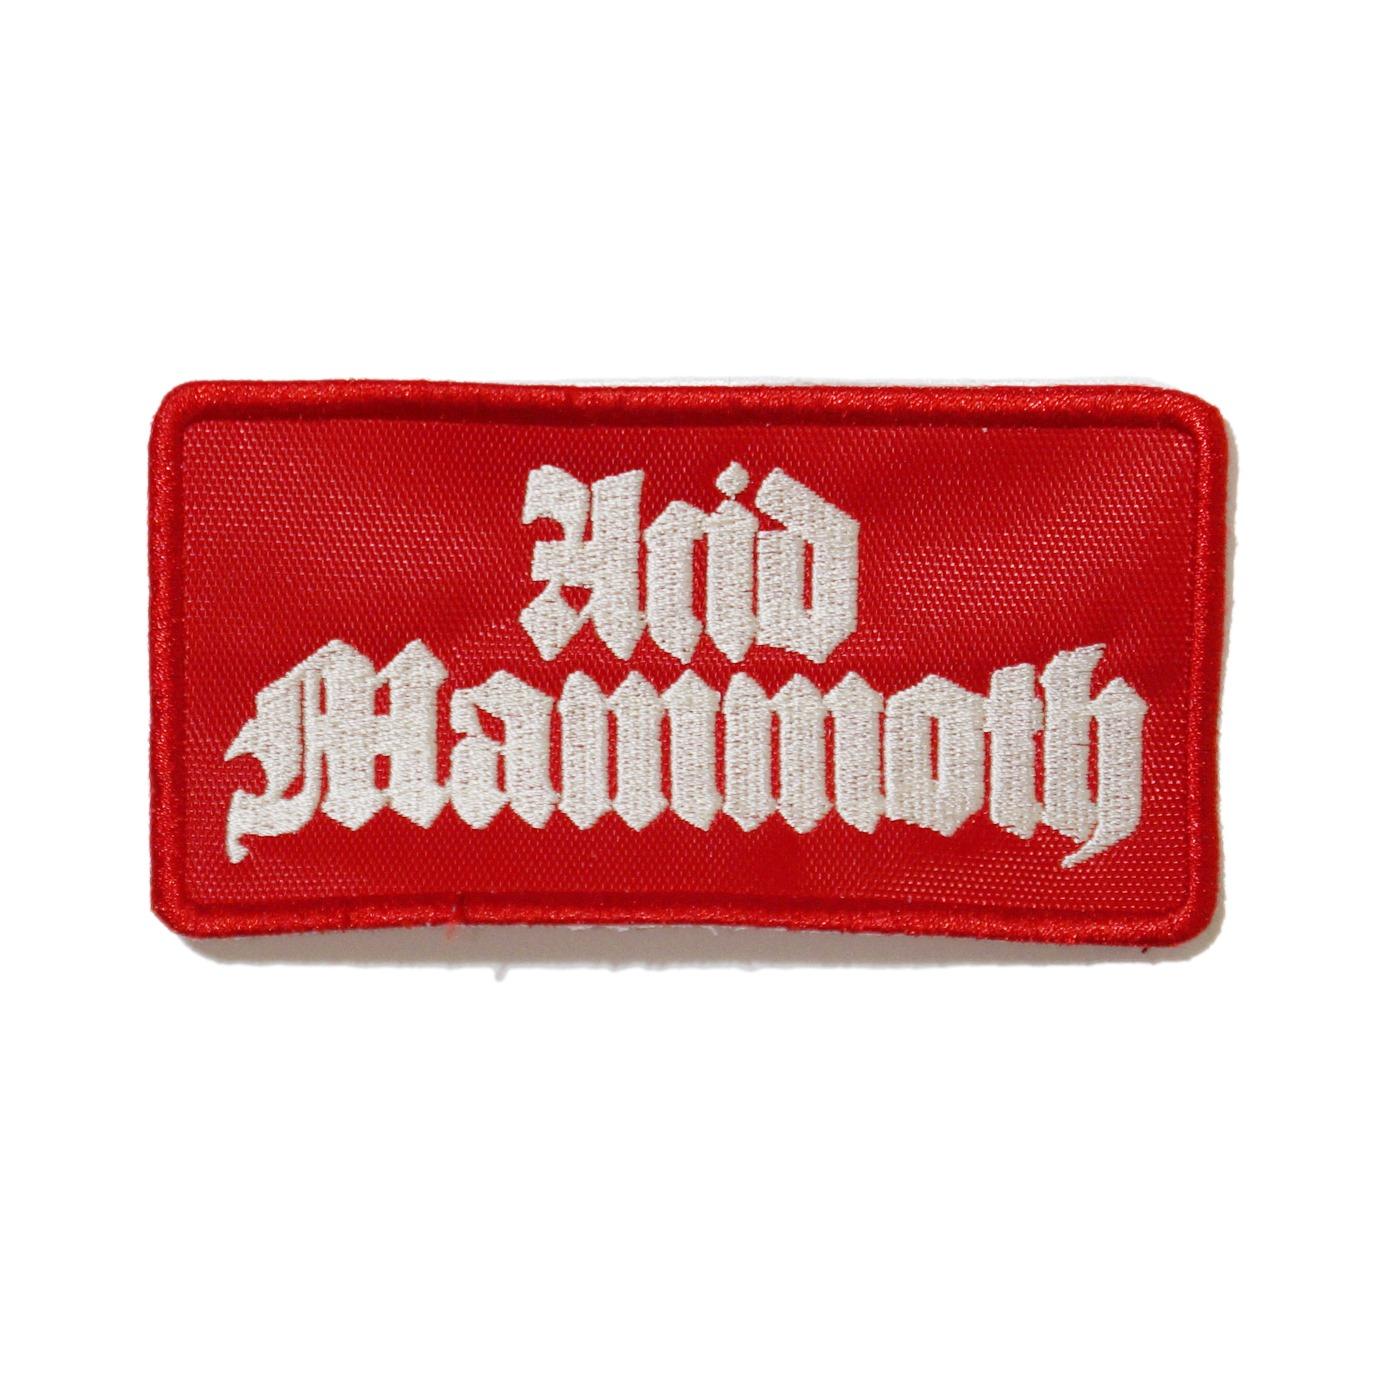 ACID MAMMOTH - パッチ Red